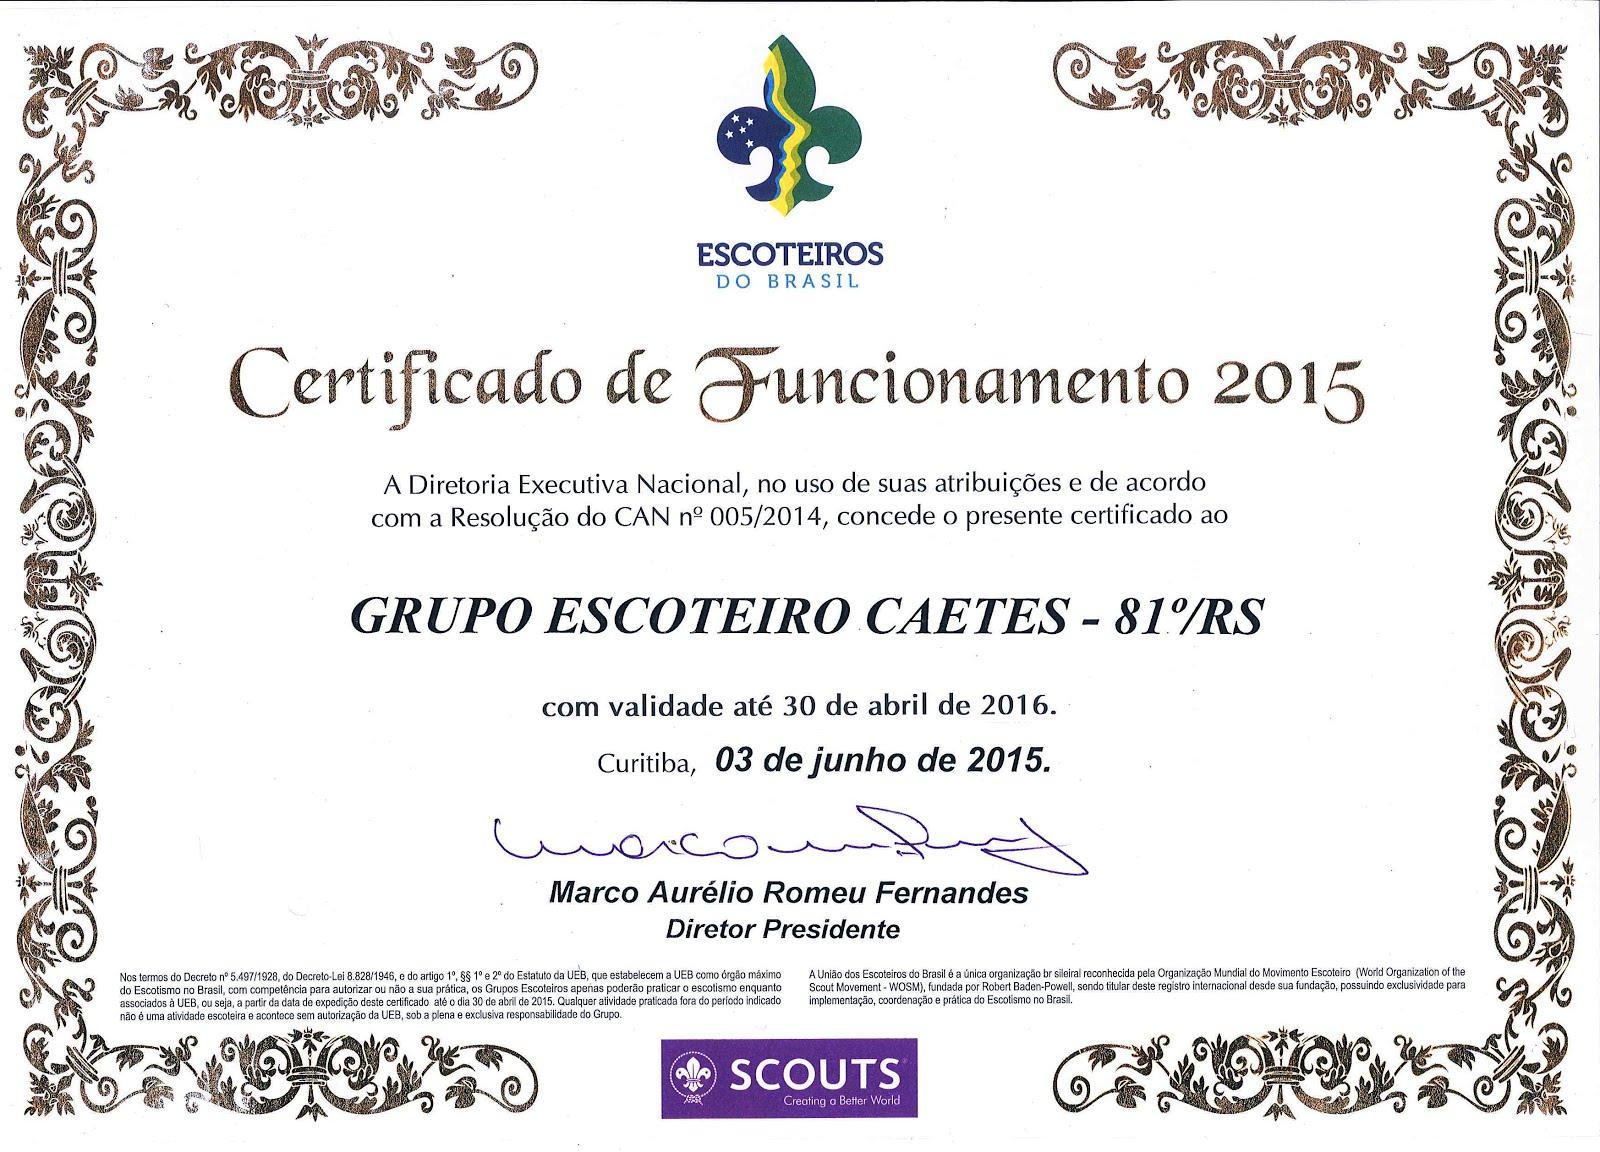 Certificado de Funcionamento